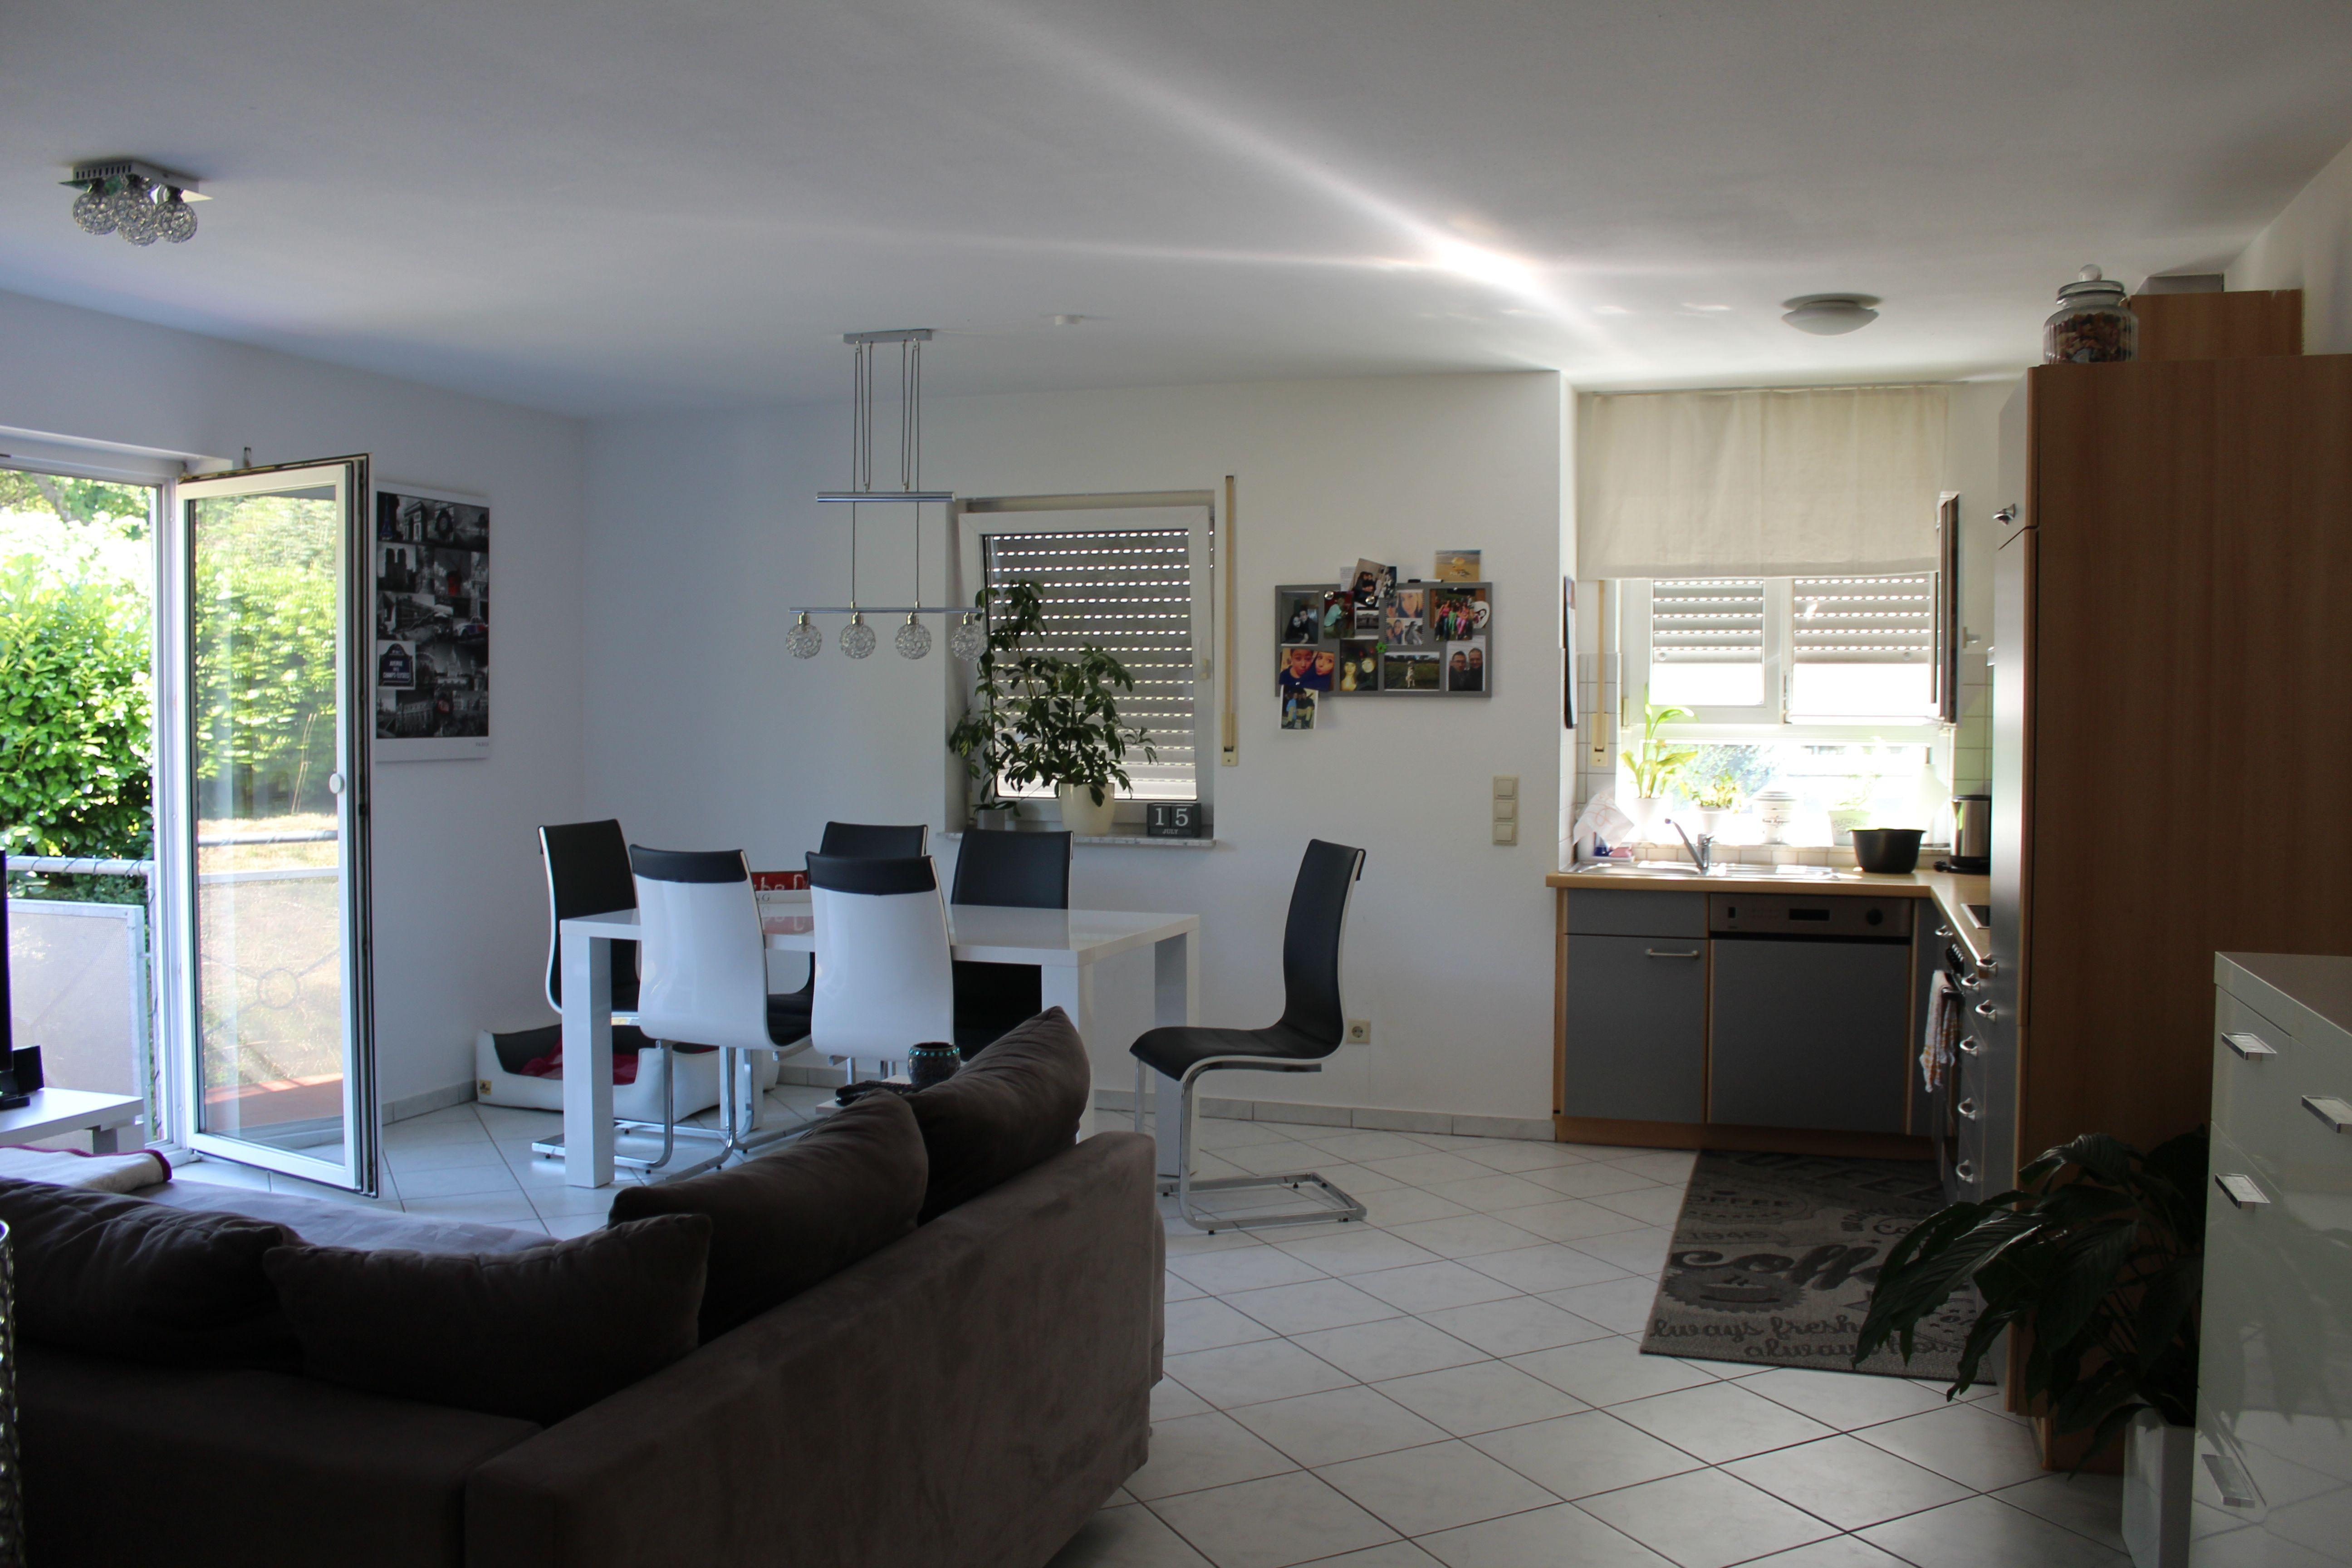 Neuwertige Wohnung in Malsch offene Küche mit Wohn